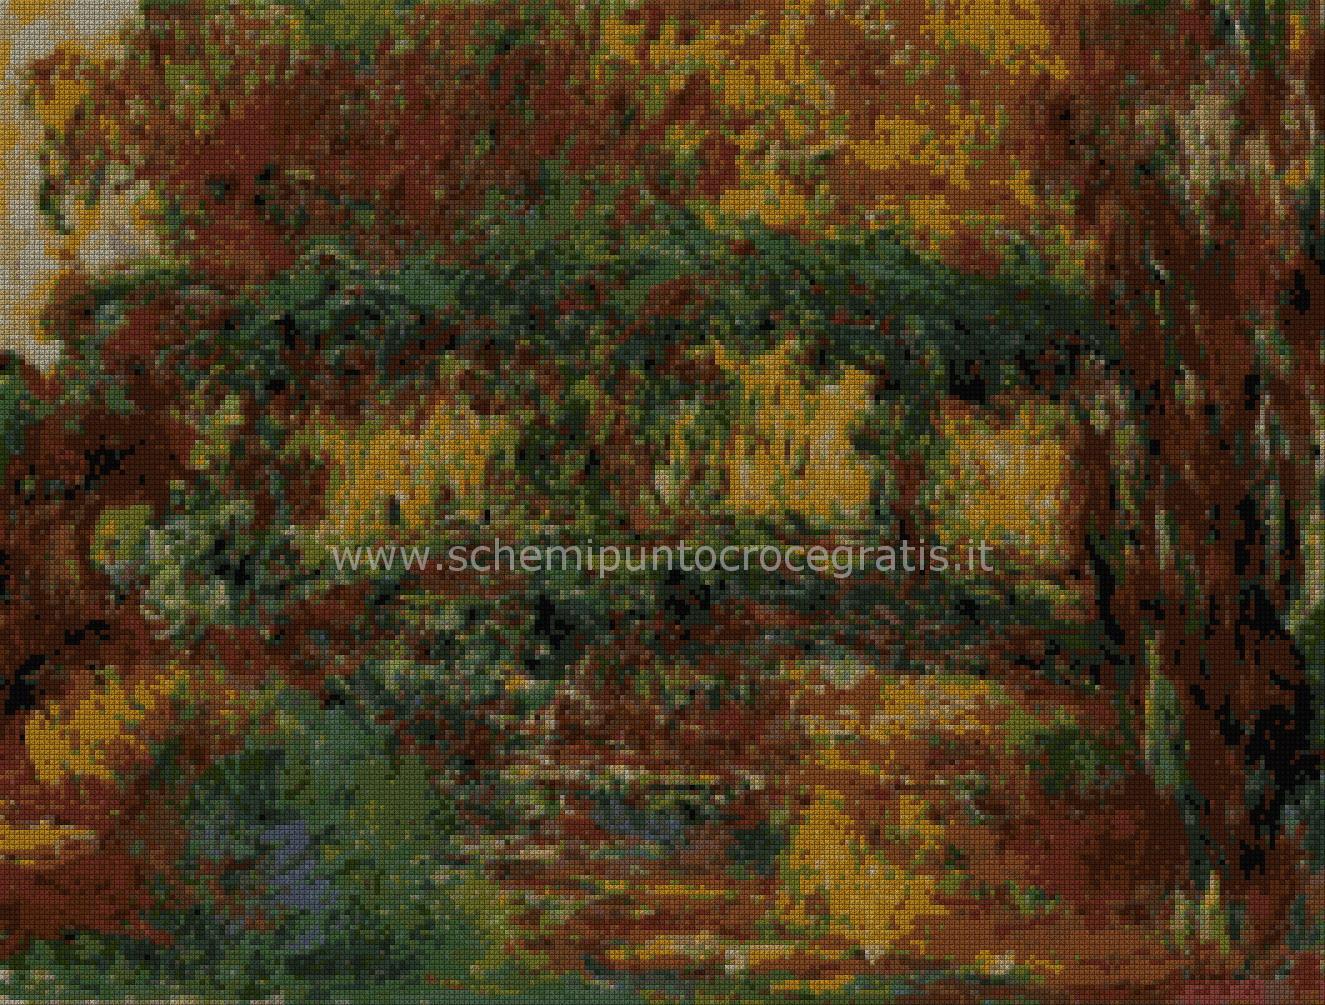 pittori_moderni/monet/Monet06.jpg